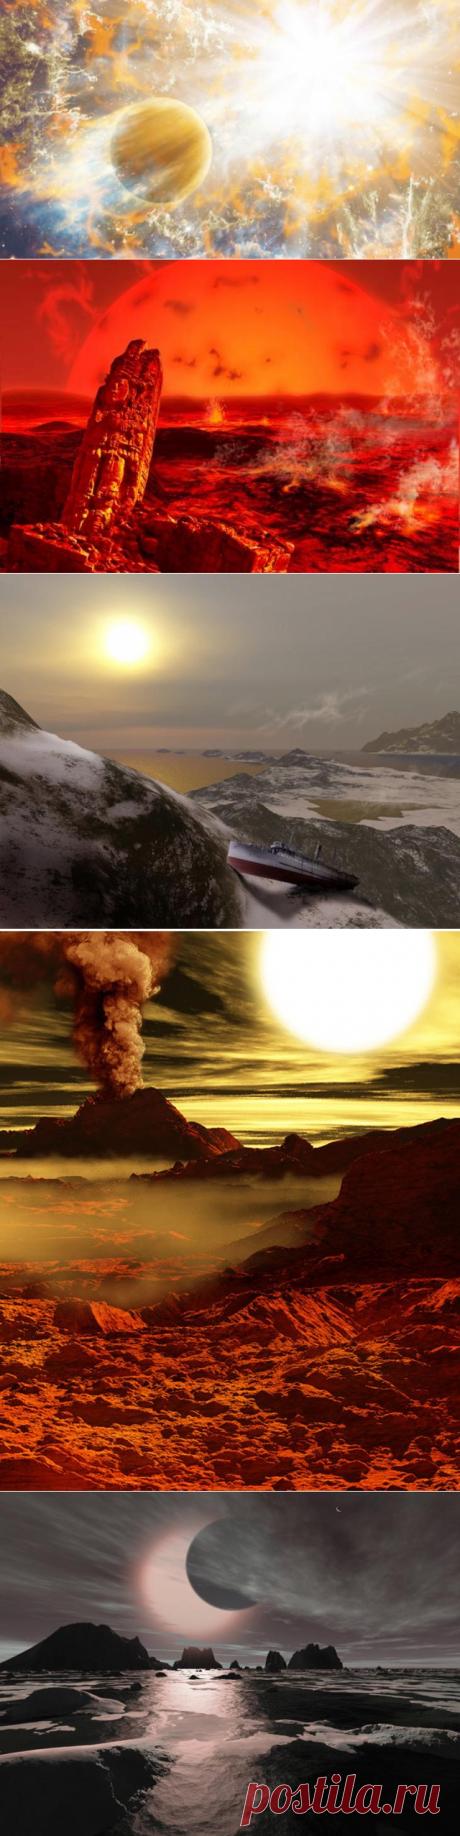 29-5-21-8 этапов, через которые пройдёт Солнце, перед тем, как погибнуть